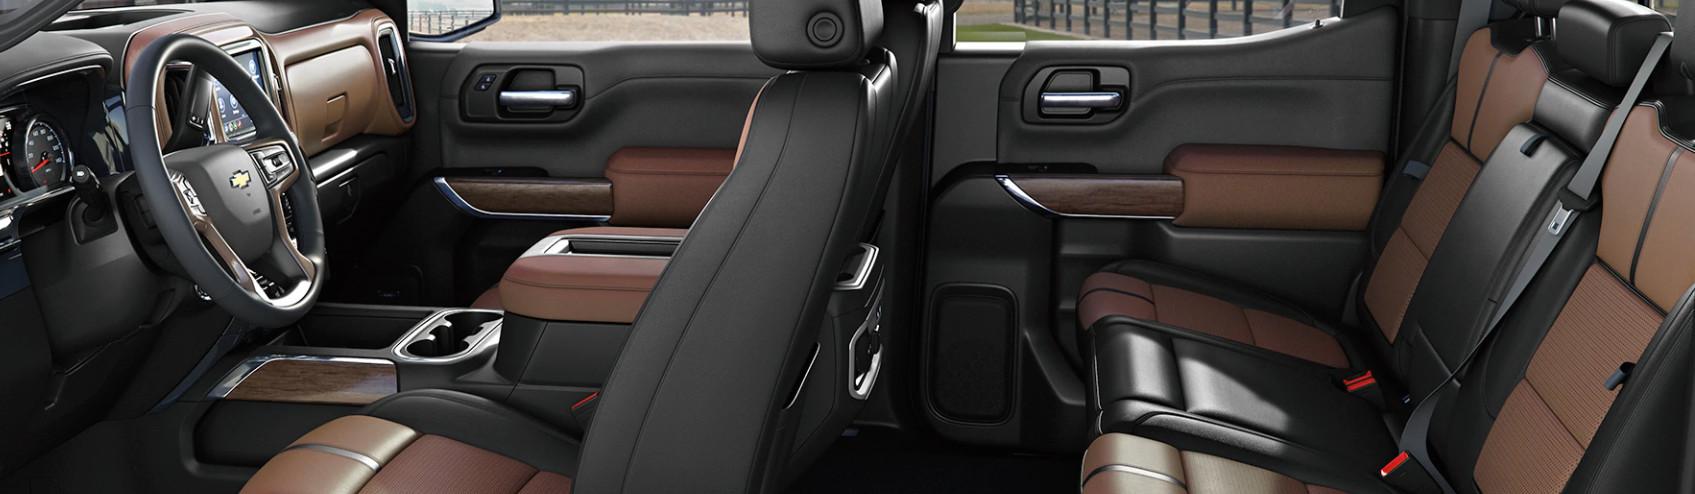 2020 Chevrolet Silverado 2500HD Interior